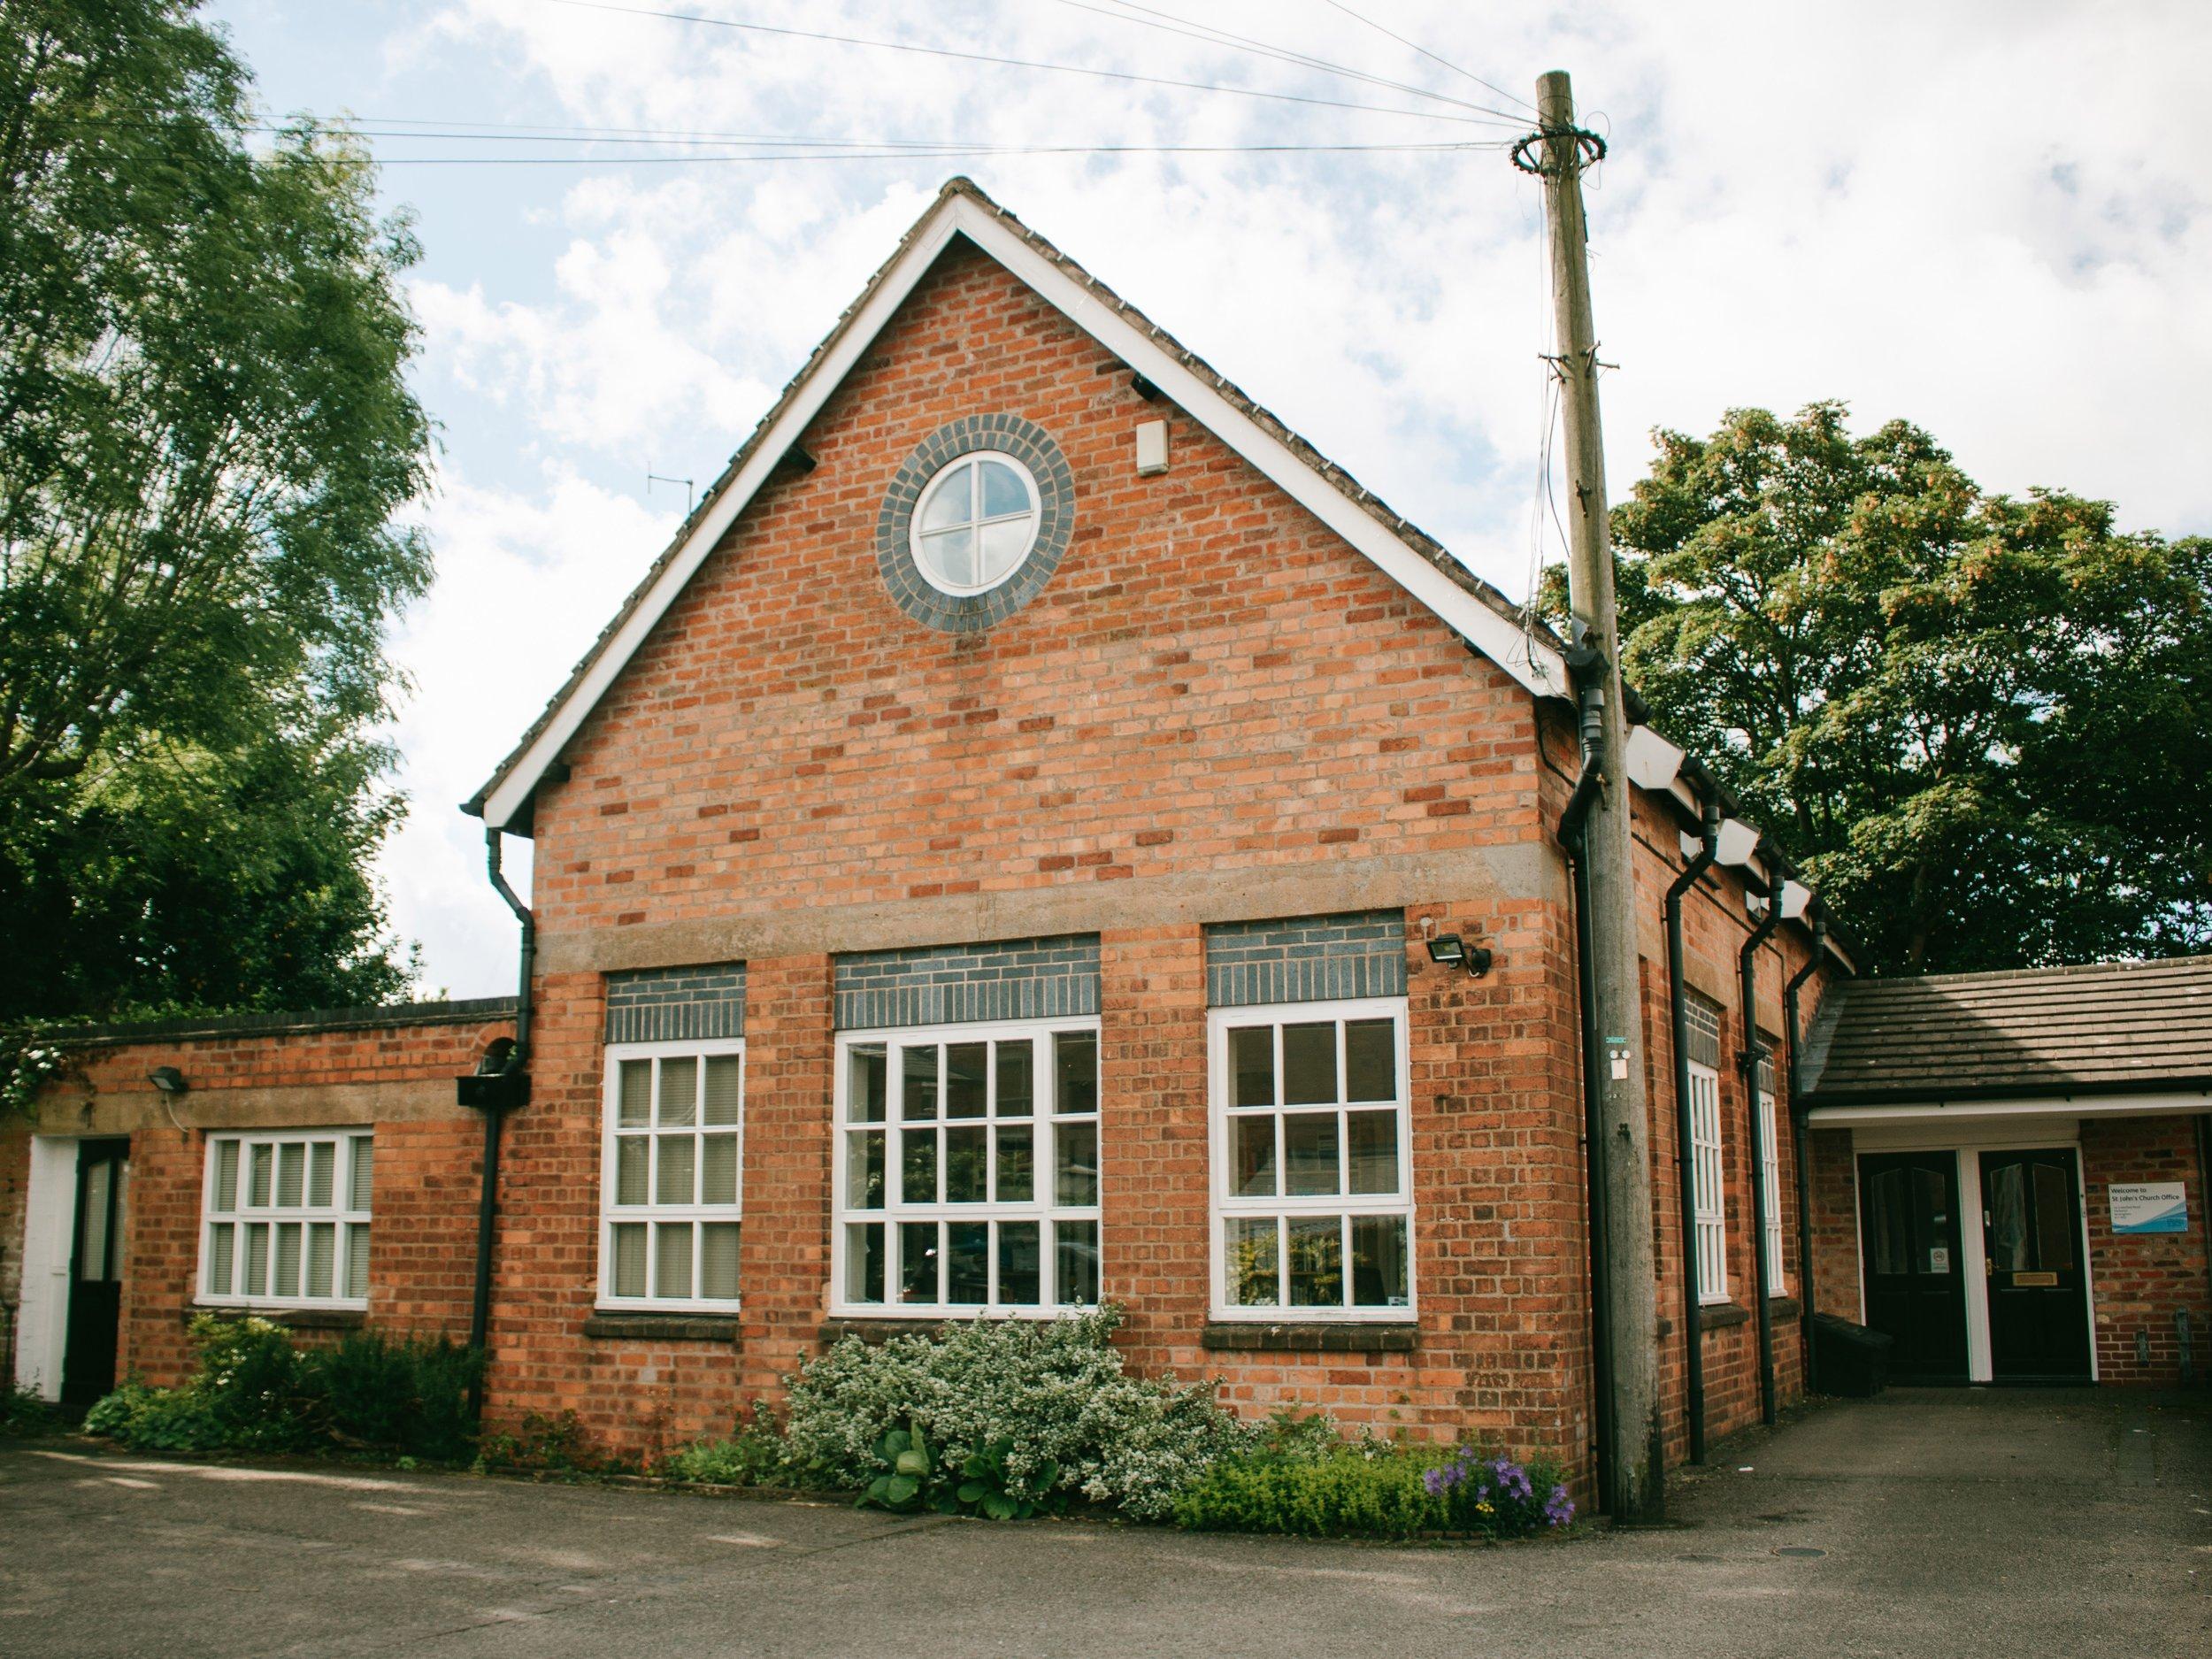 st-johns-harborne-church-office-jun19-eo.jpg